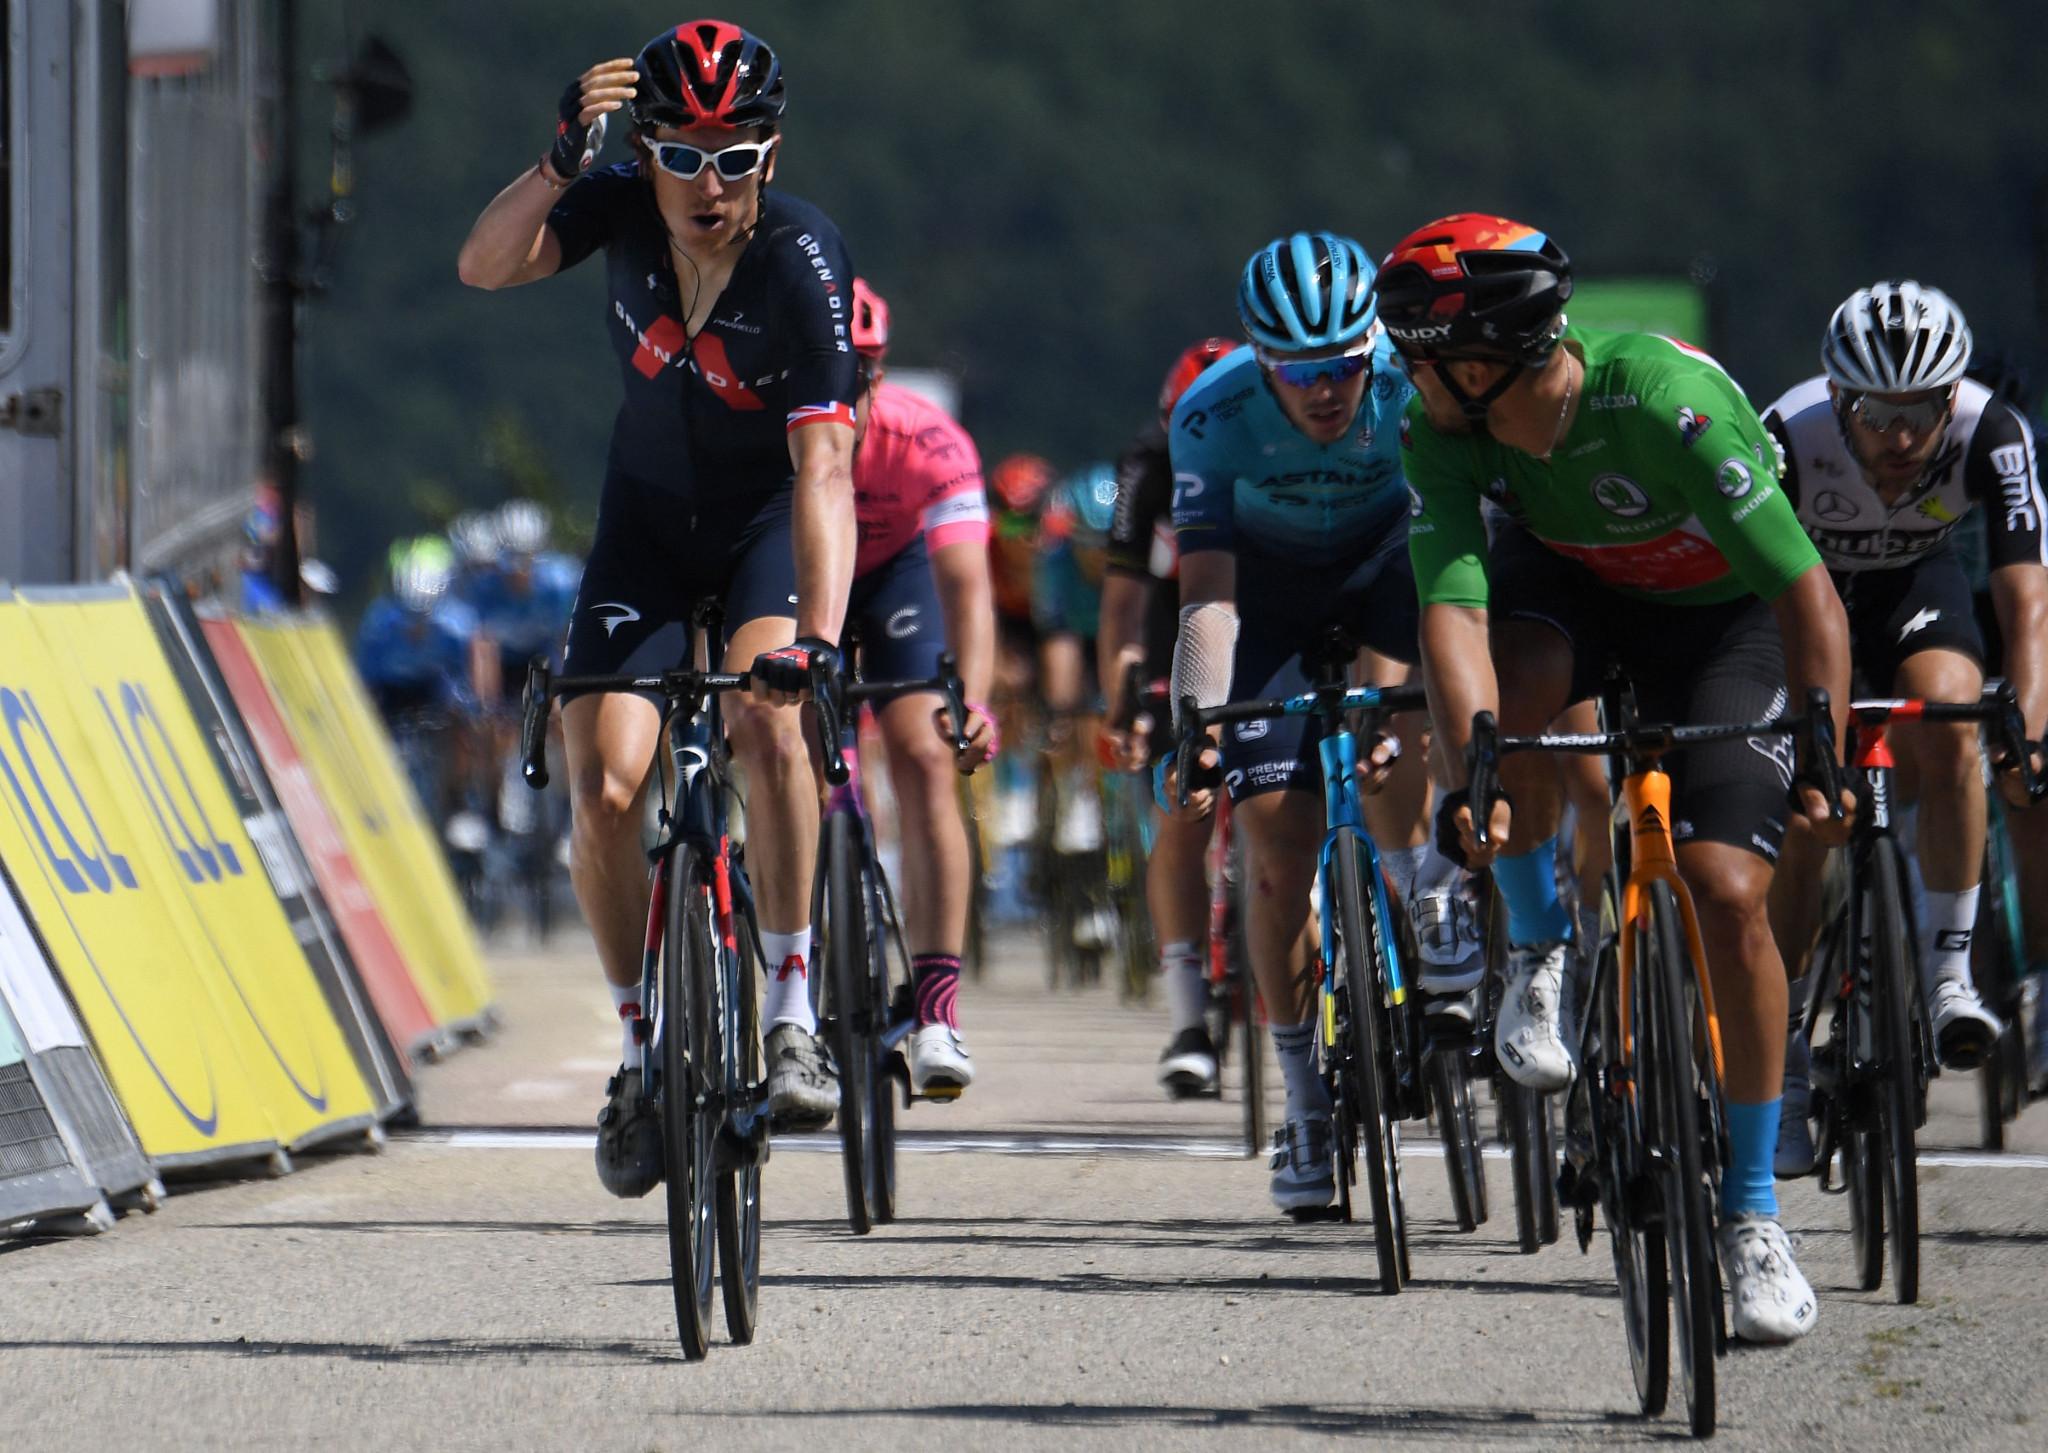 Thomas wins stage five of 2021 Critérium du Dauphiné in sprint